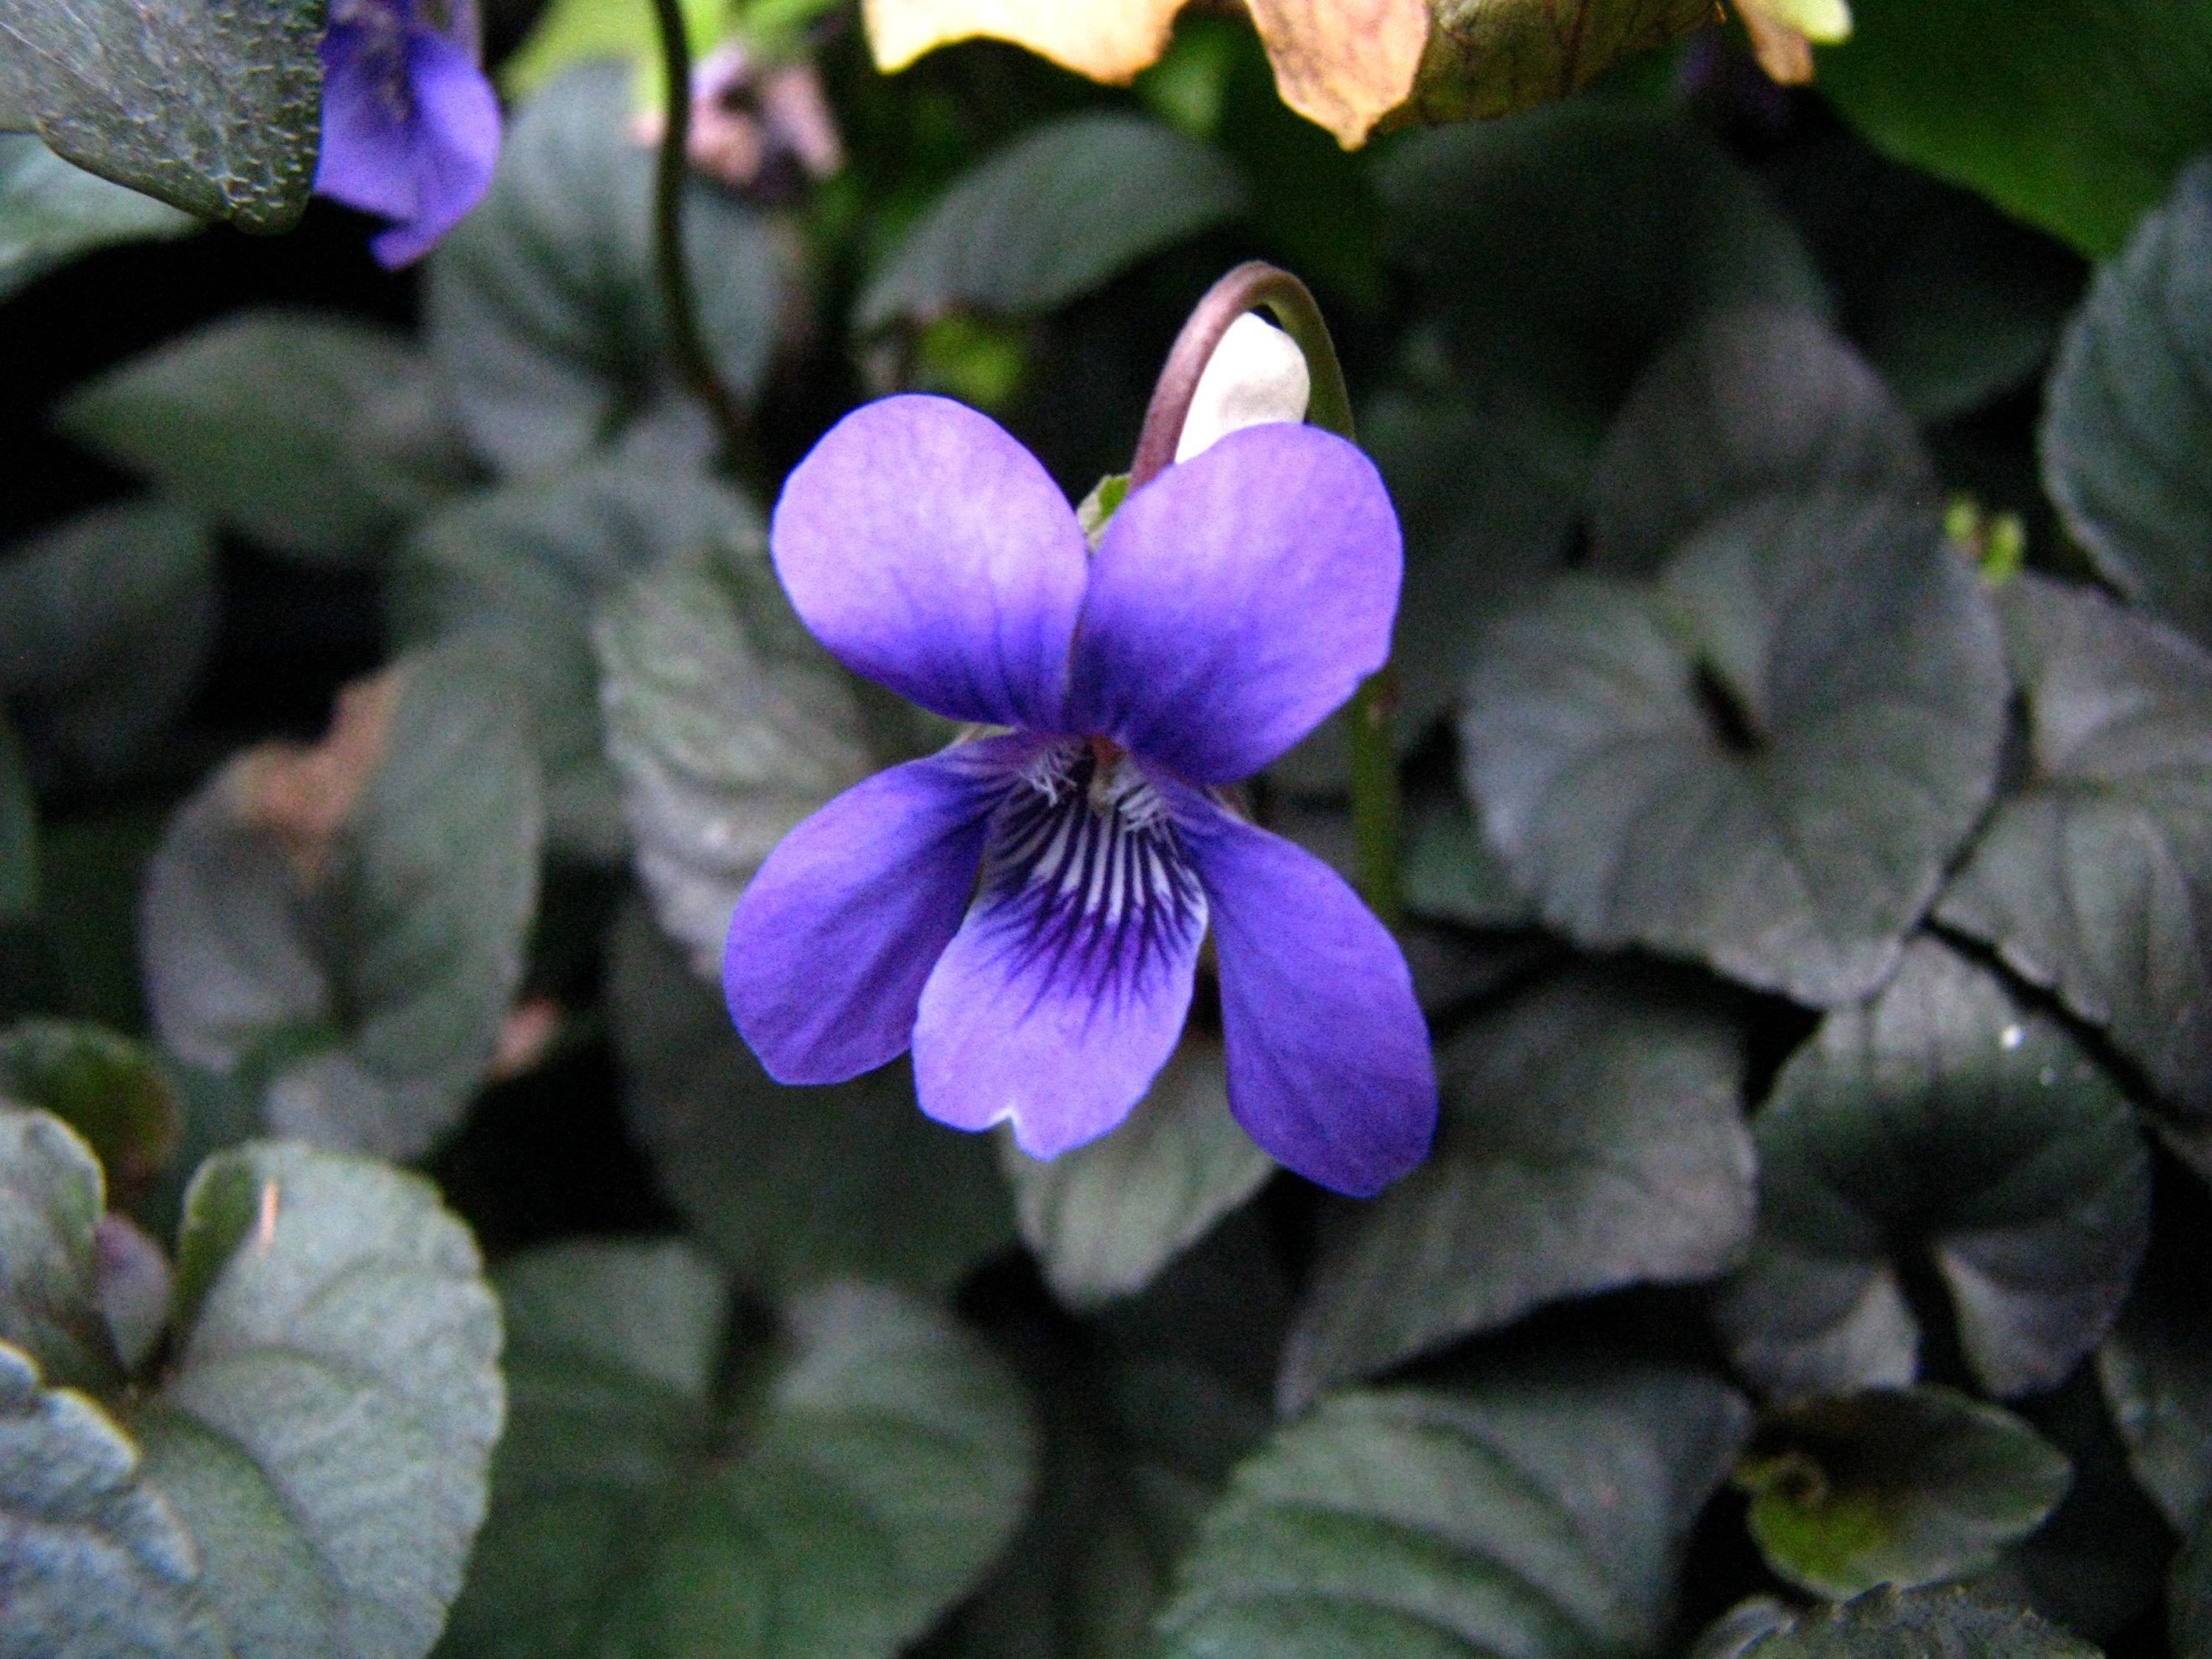 Image of alpine violet